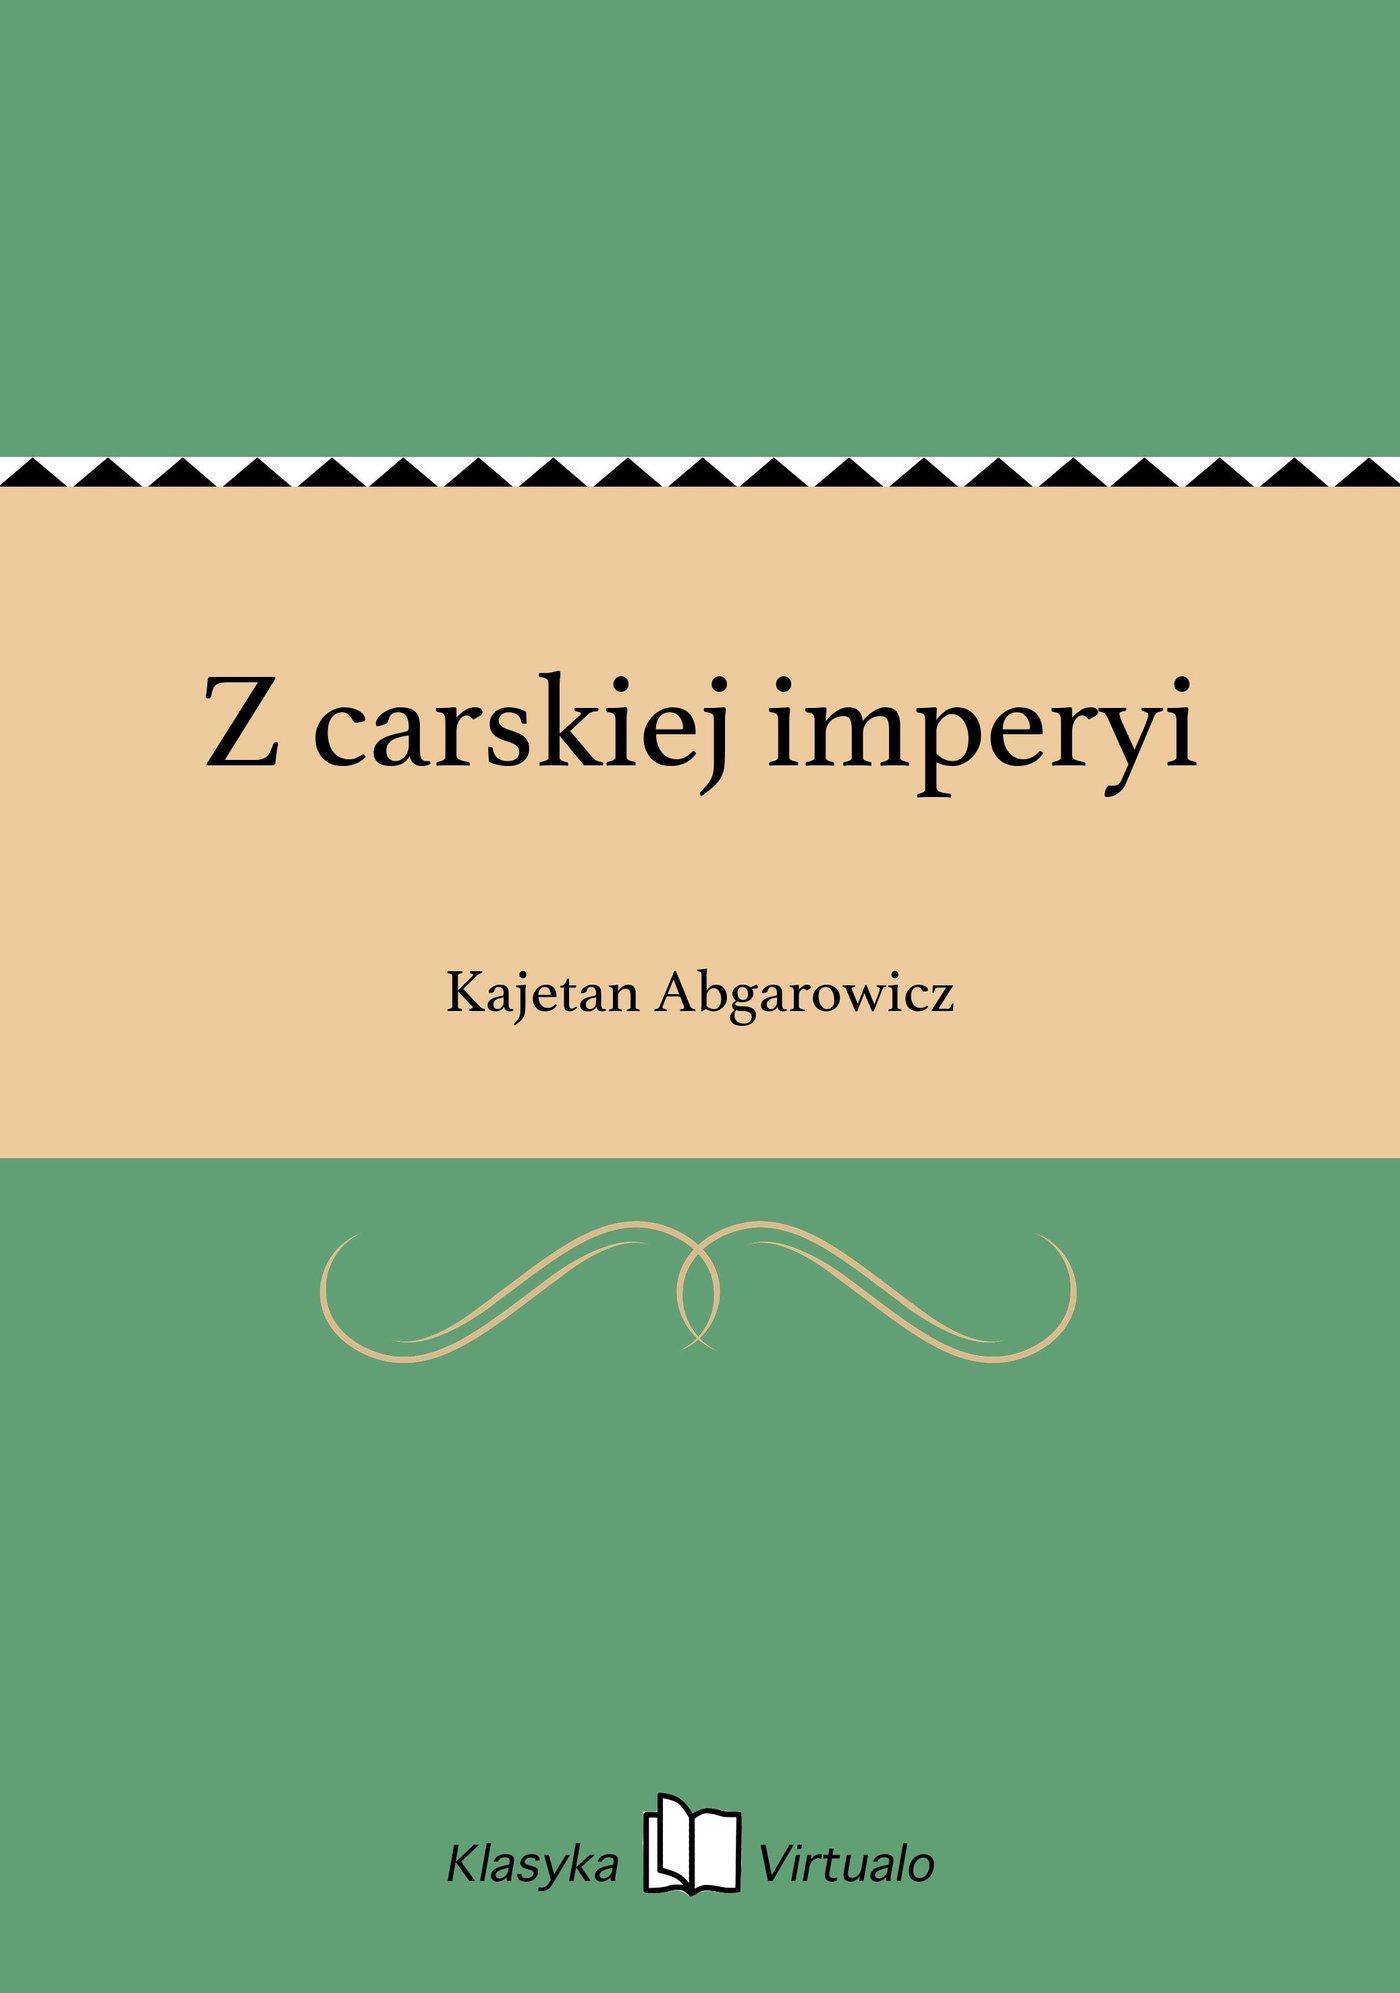 Z carskiej imperyi - Ebook (Książka na Kindle) do pobrania w formacie MOBI